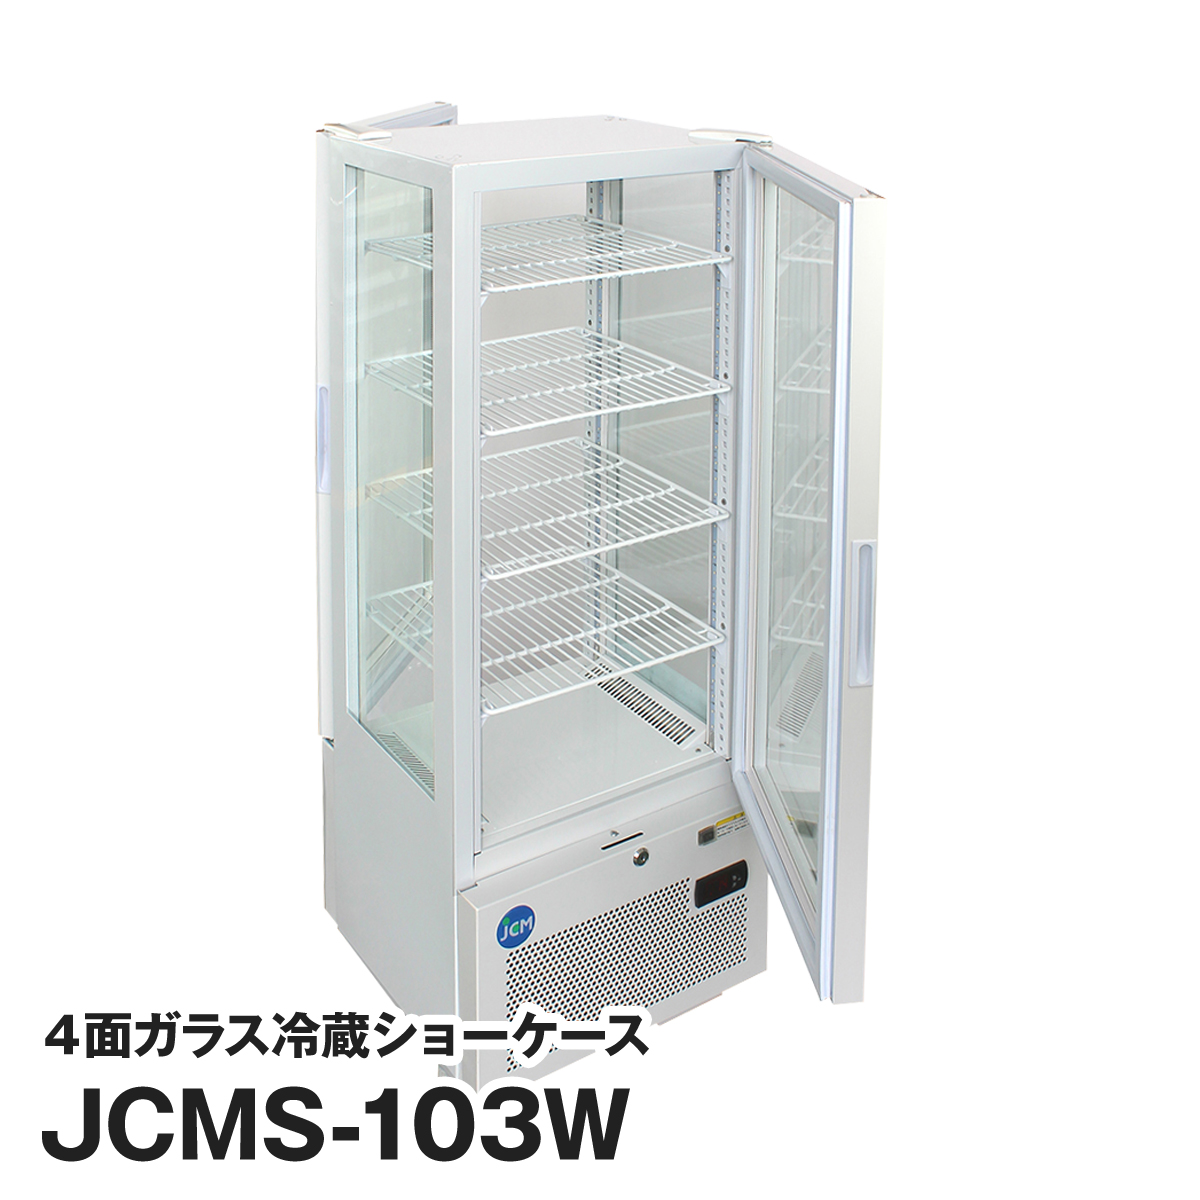 JCM社製 業務用 保冷庫 冷蔵庫 103L 4面 ガラス 冷蔵 ショーケース (両面扉) JCMS-103W 新品